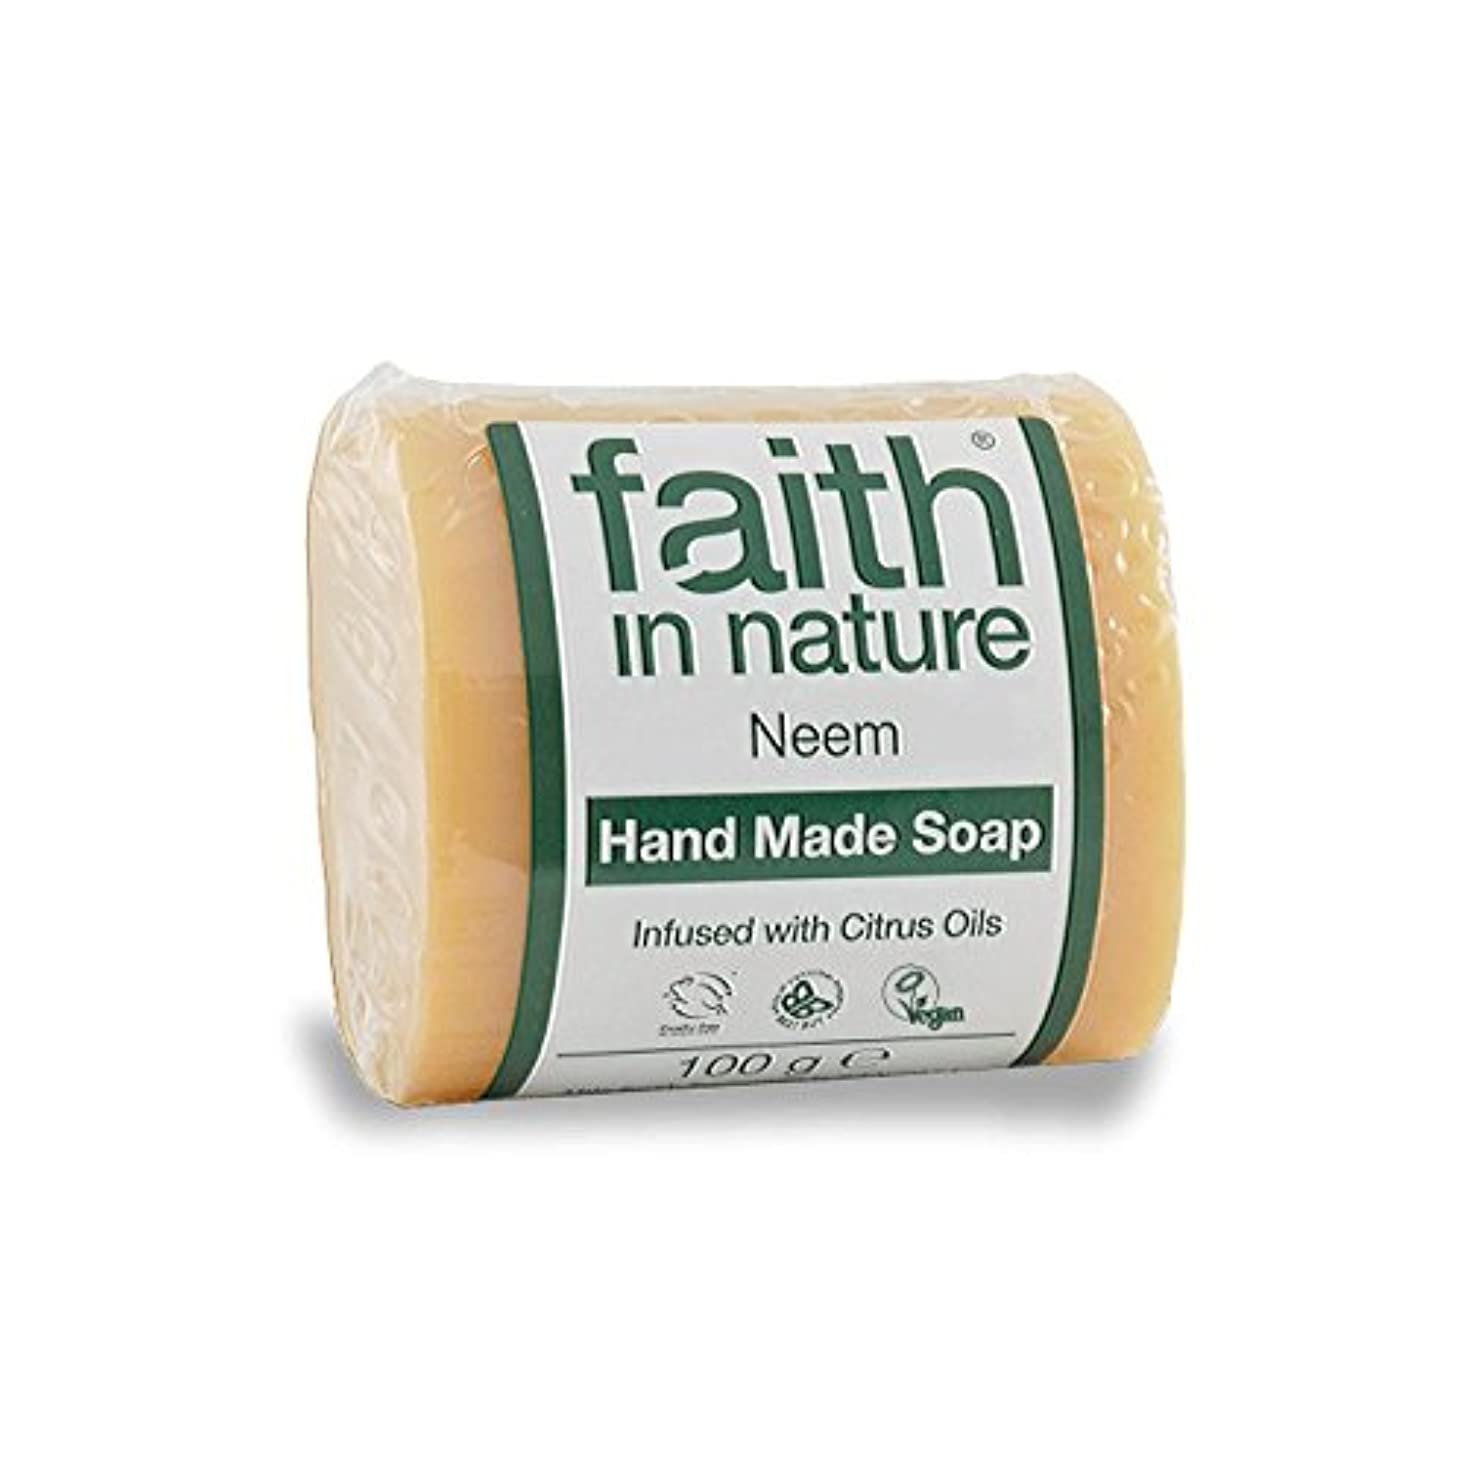 ジョージハンブリーエージェント苦難自然ニーム&プロポリス石鹸100グラムの信仰 - Faith in Nature Neem & Propolis Soap 100g (Faith in Nature) [並行輸入品]